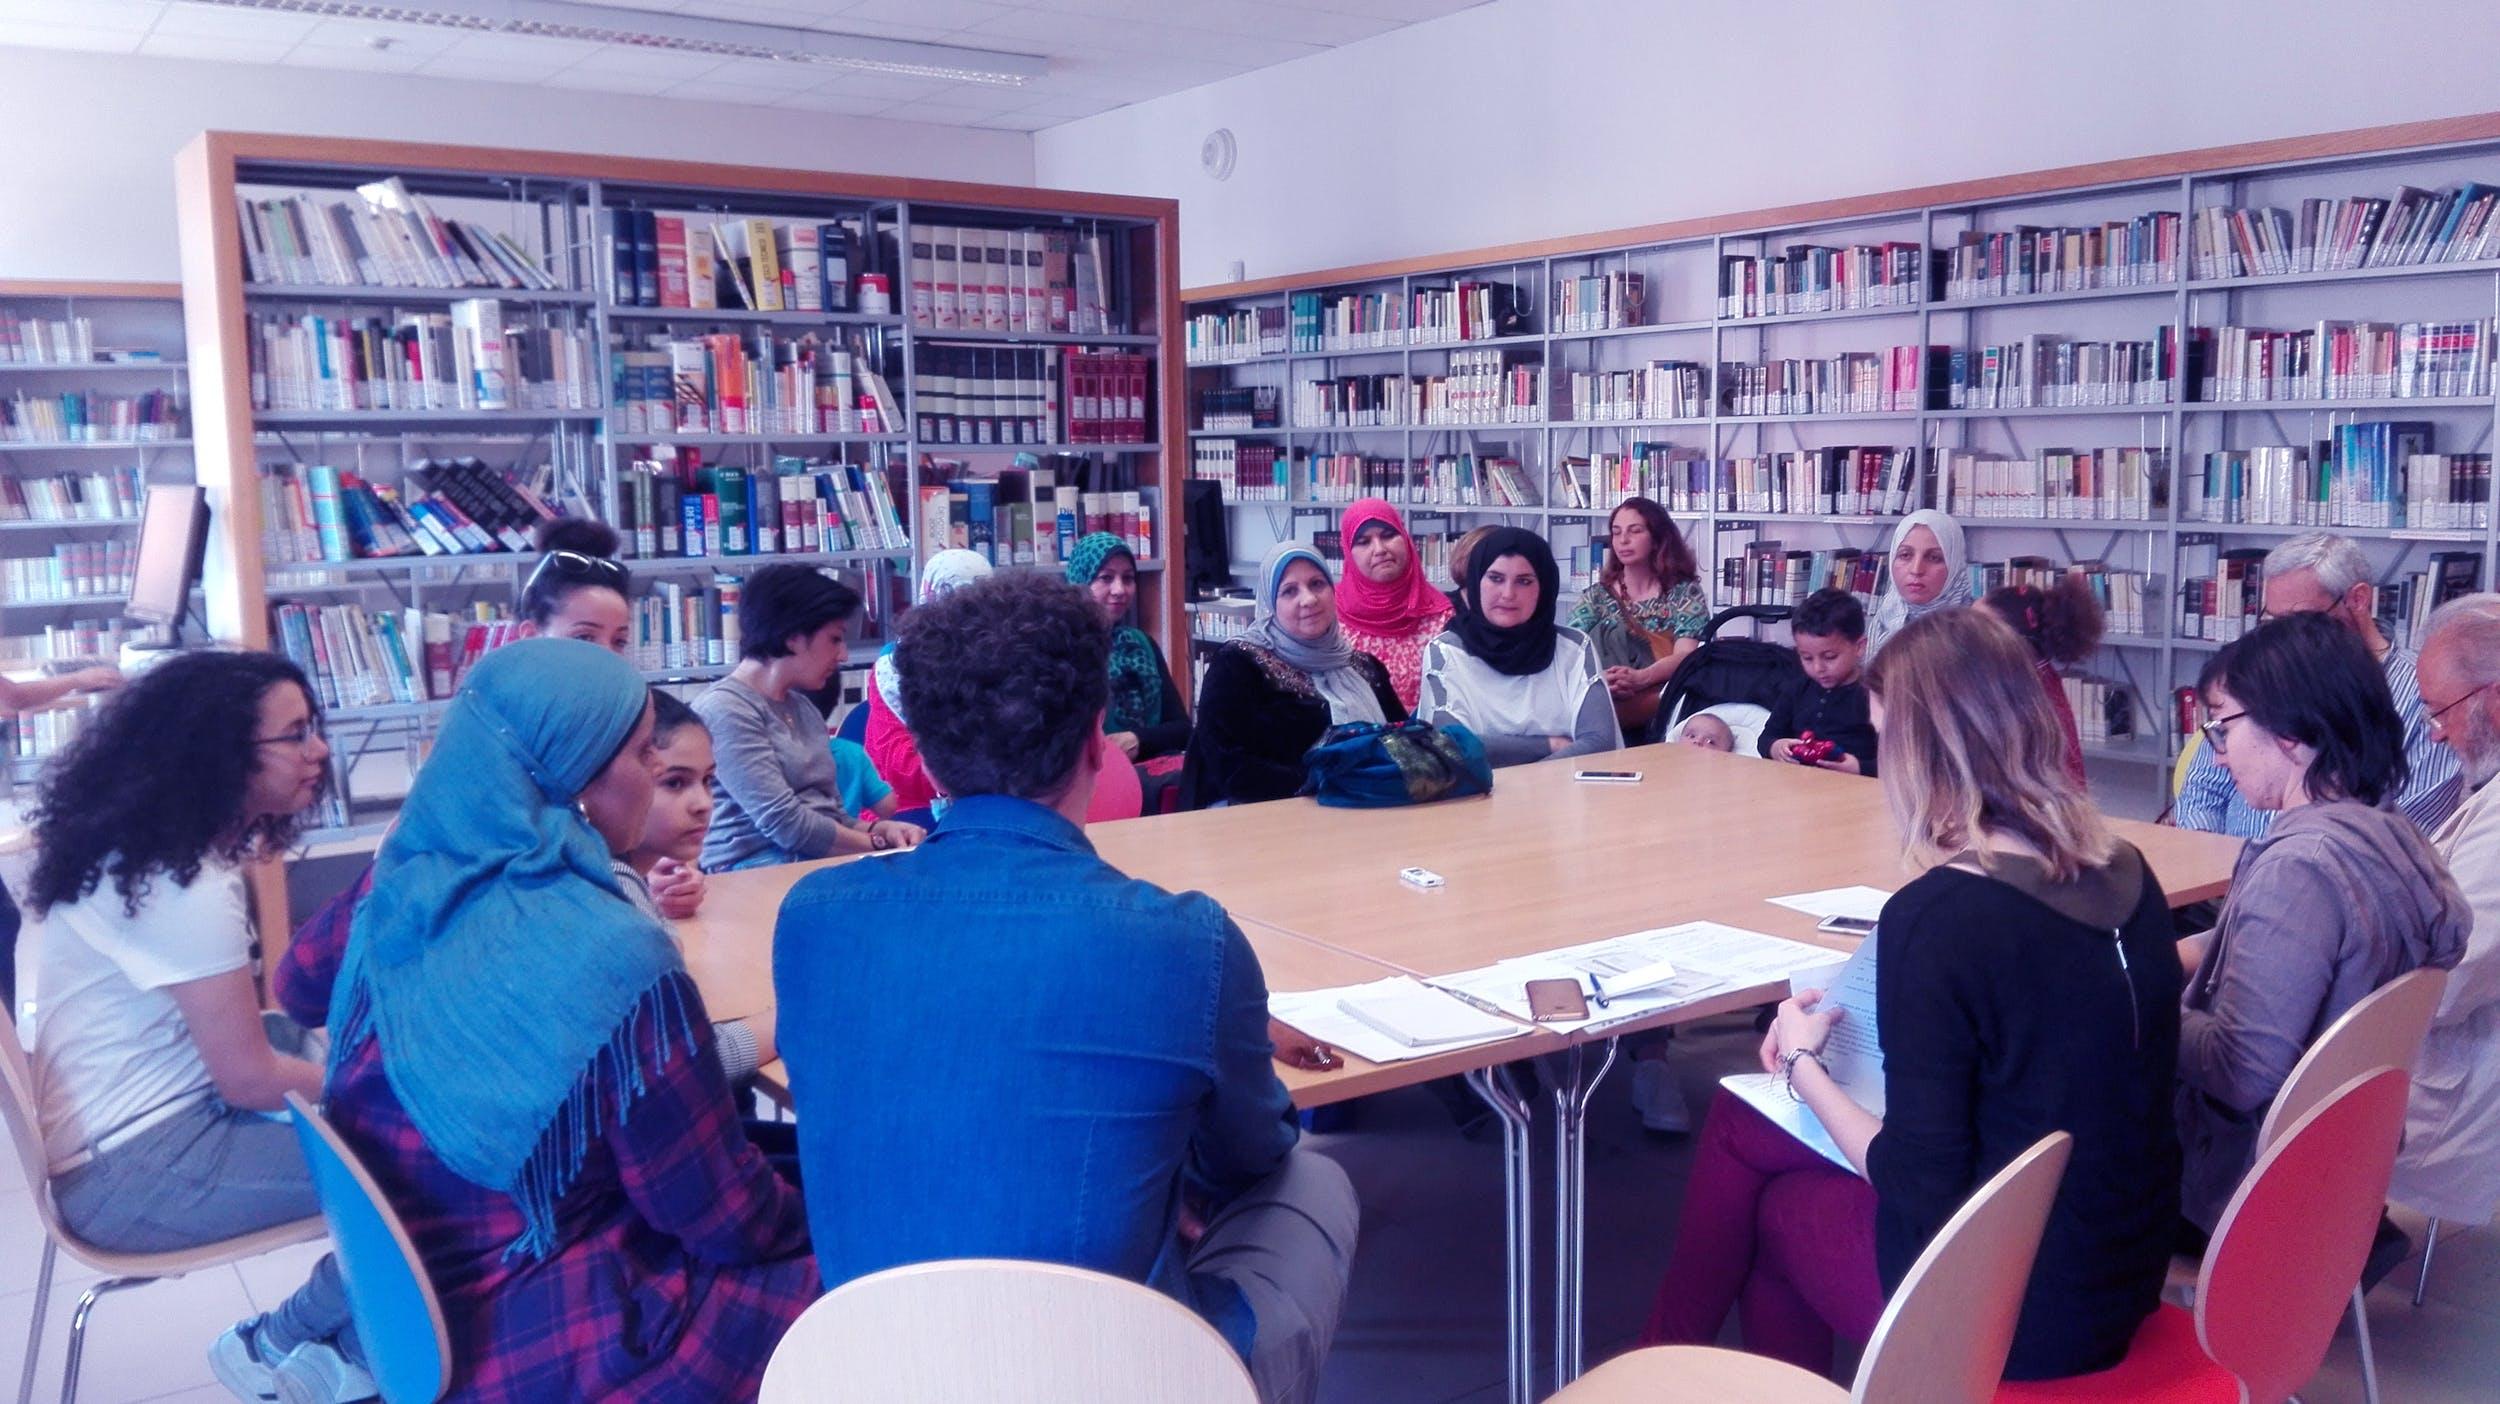 Uno degli incontri organizzati dal Dipartimento di Mediazione Culturale e Accessibilità